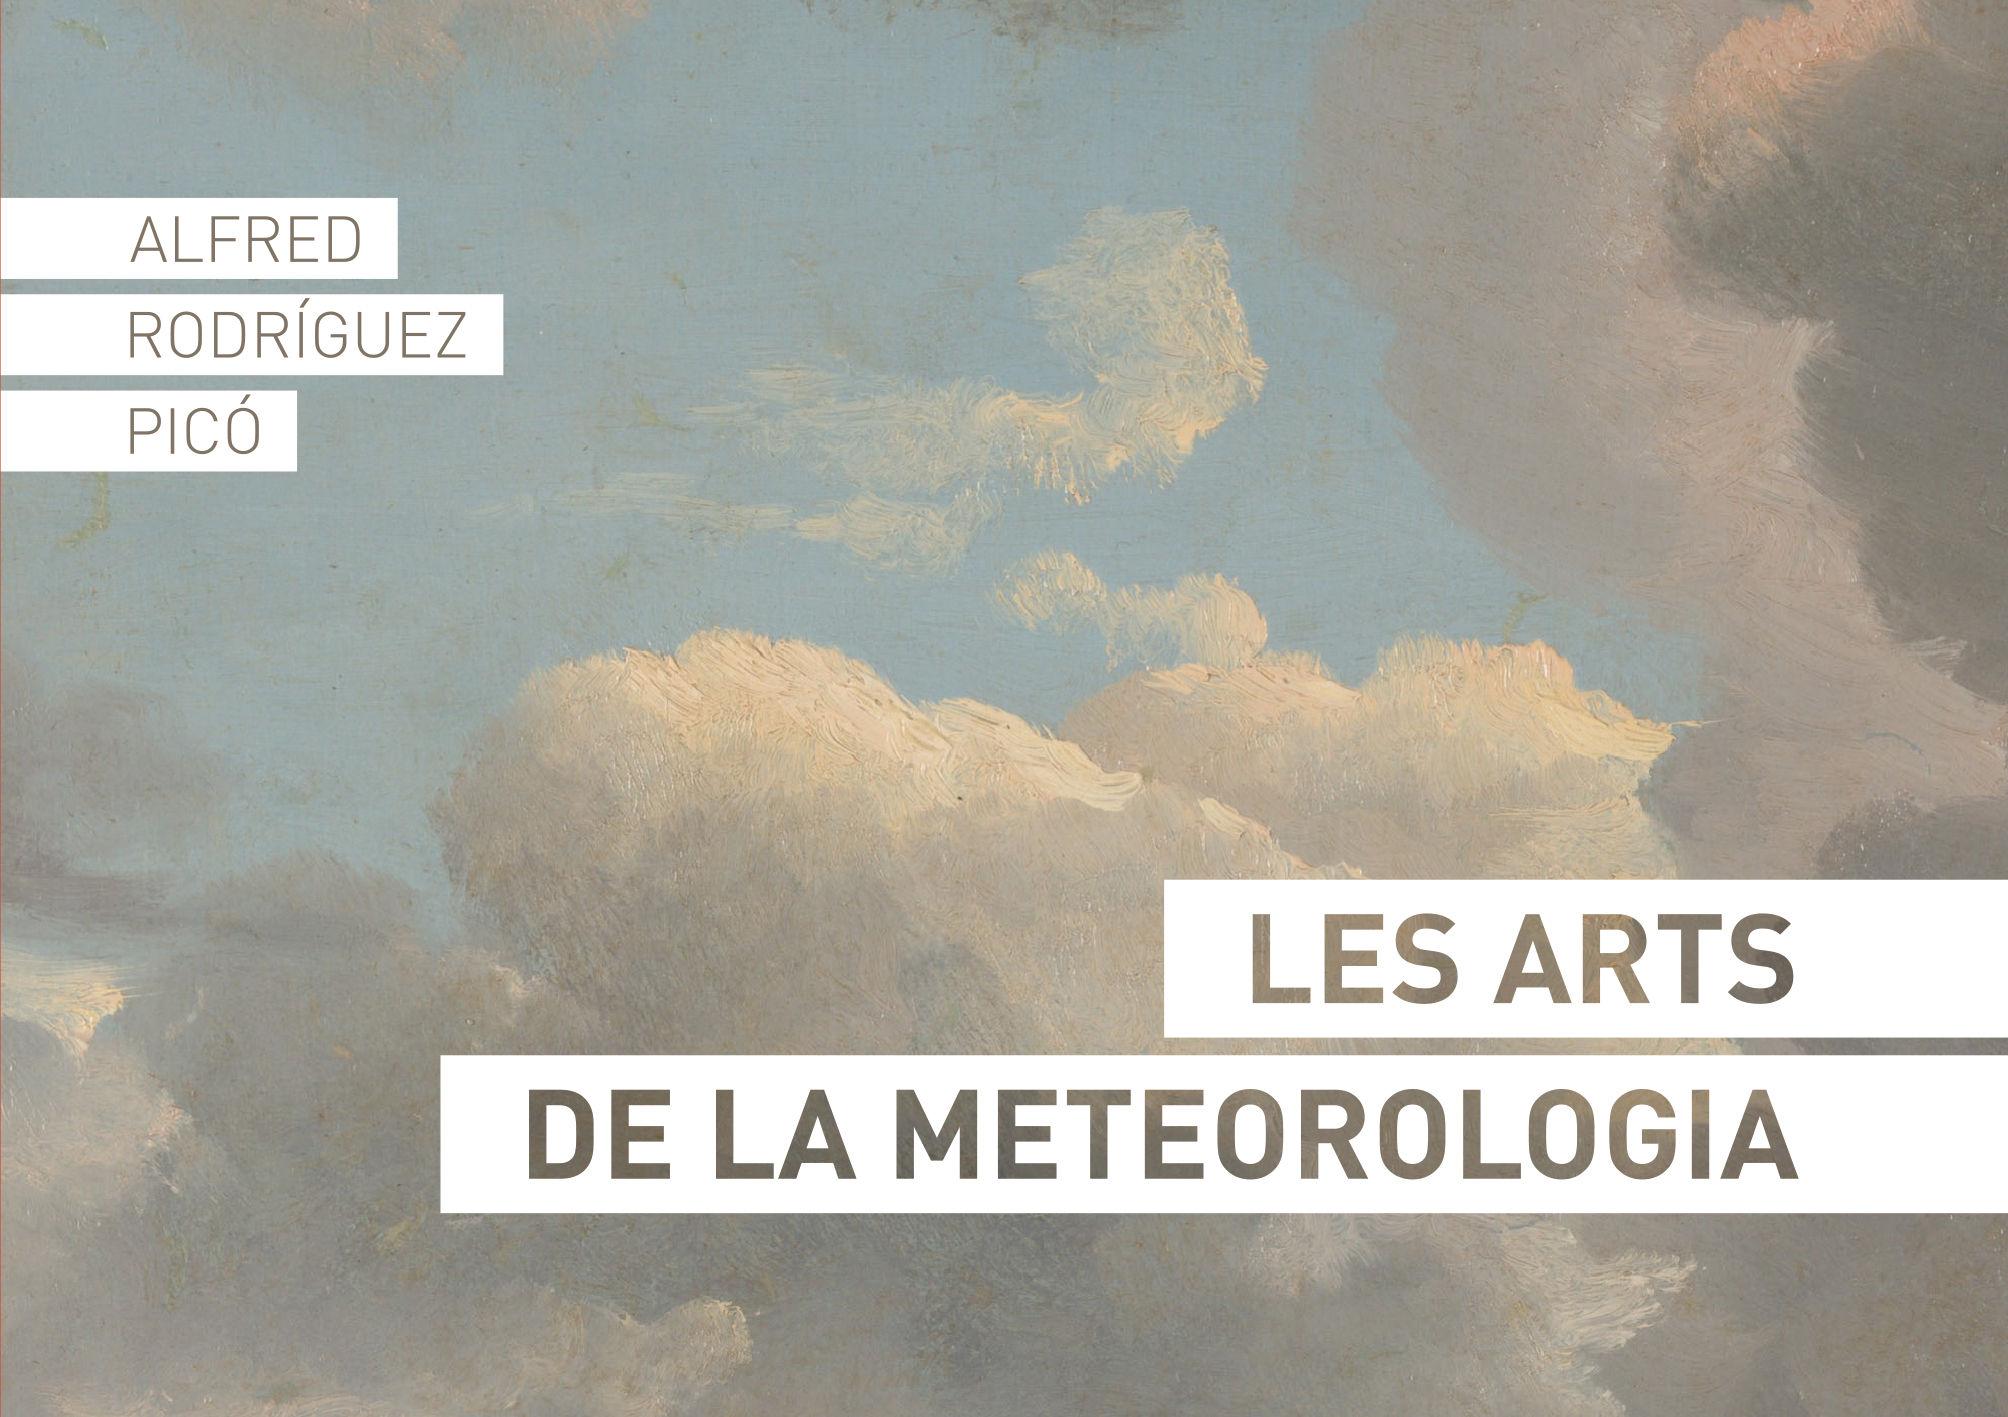 ARTS DE LA METEOROLOGIA LES